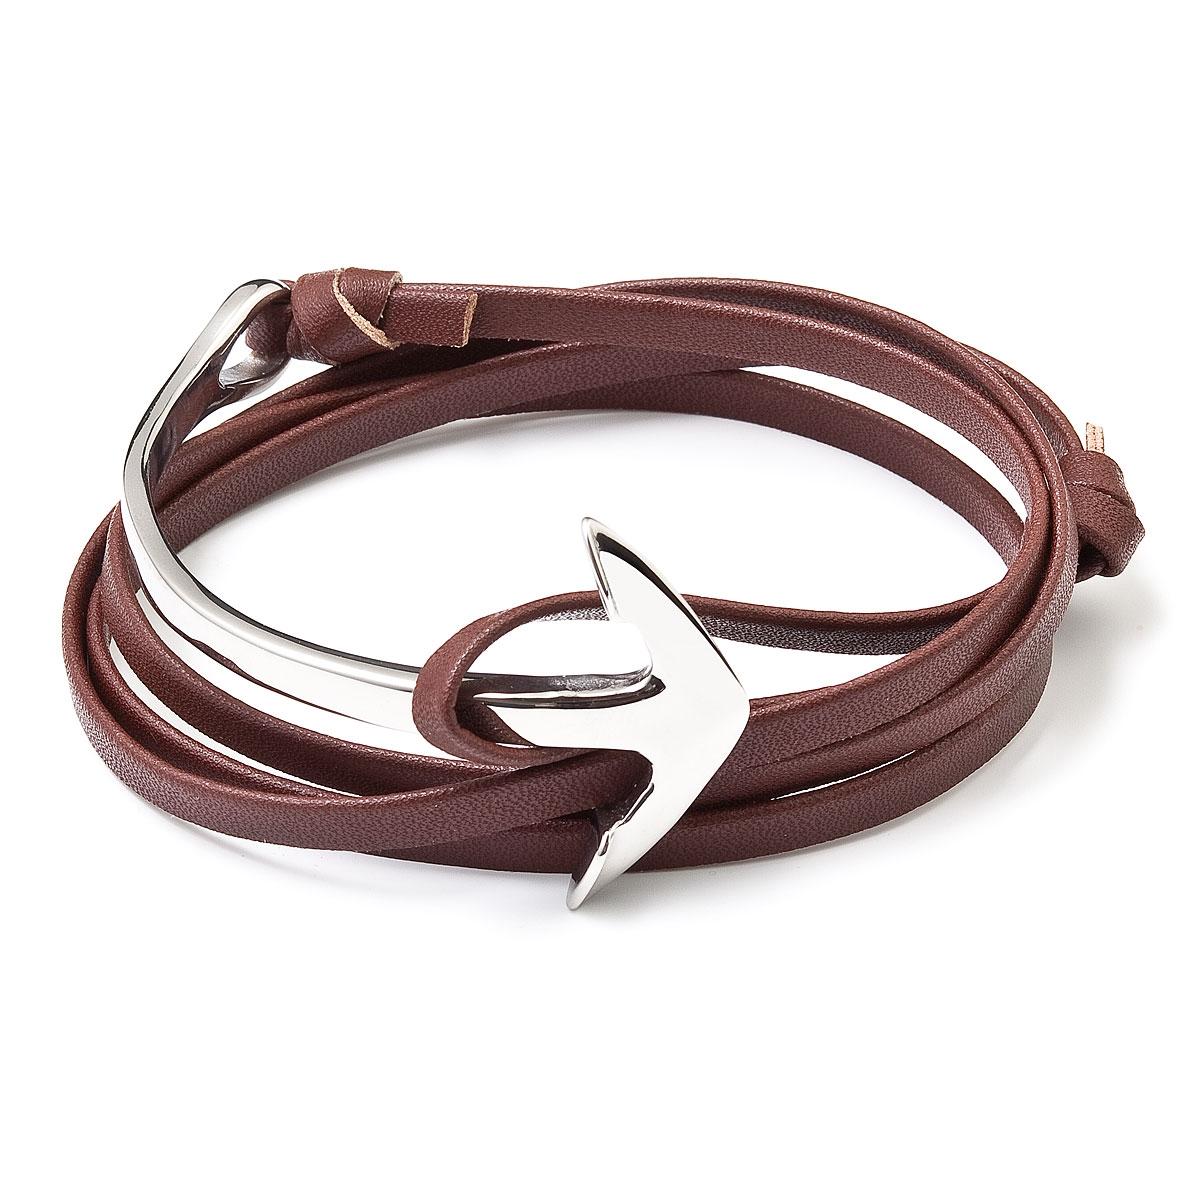 Hnedý kožený náramok so striebornou kotvou